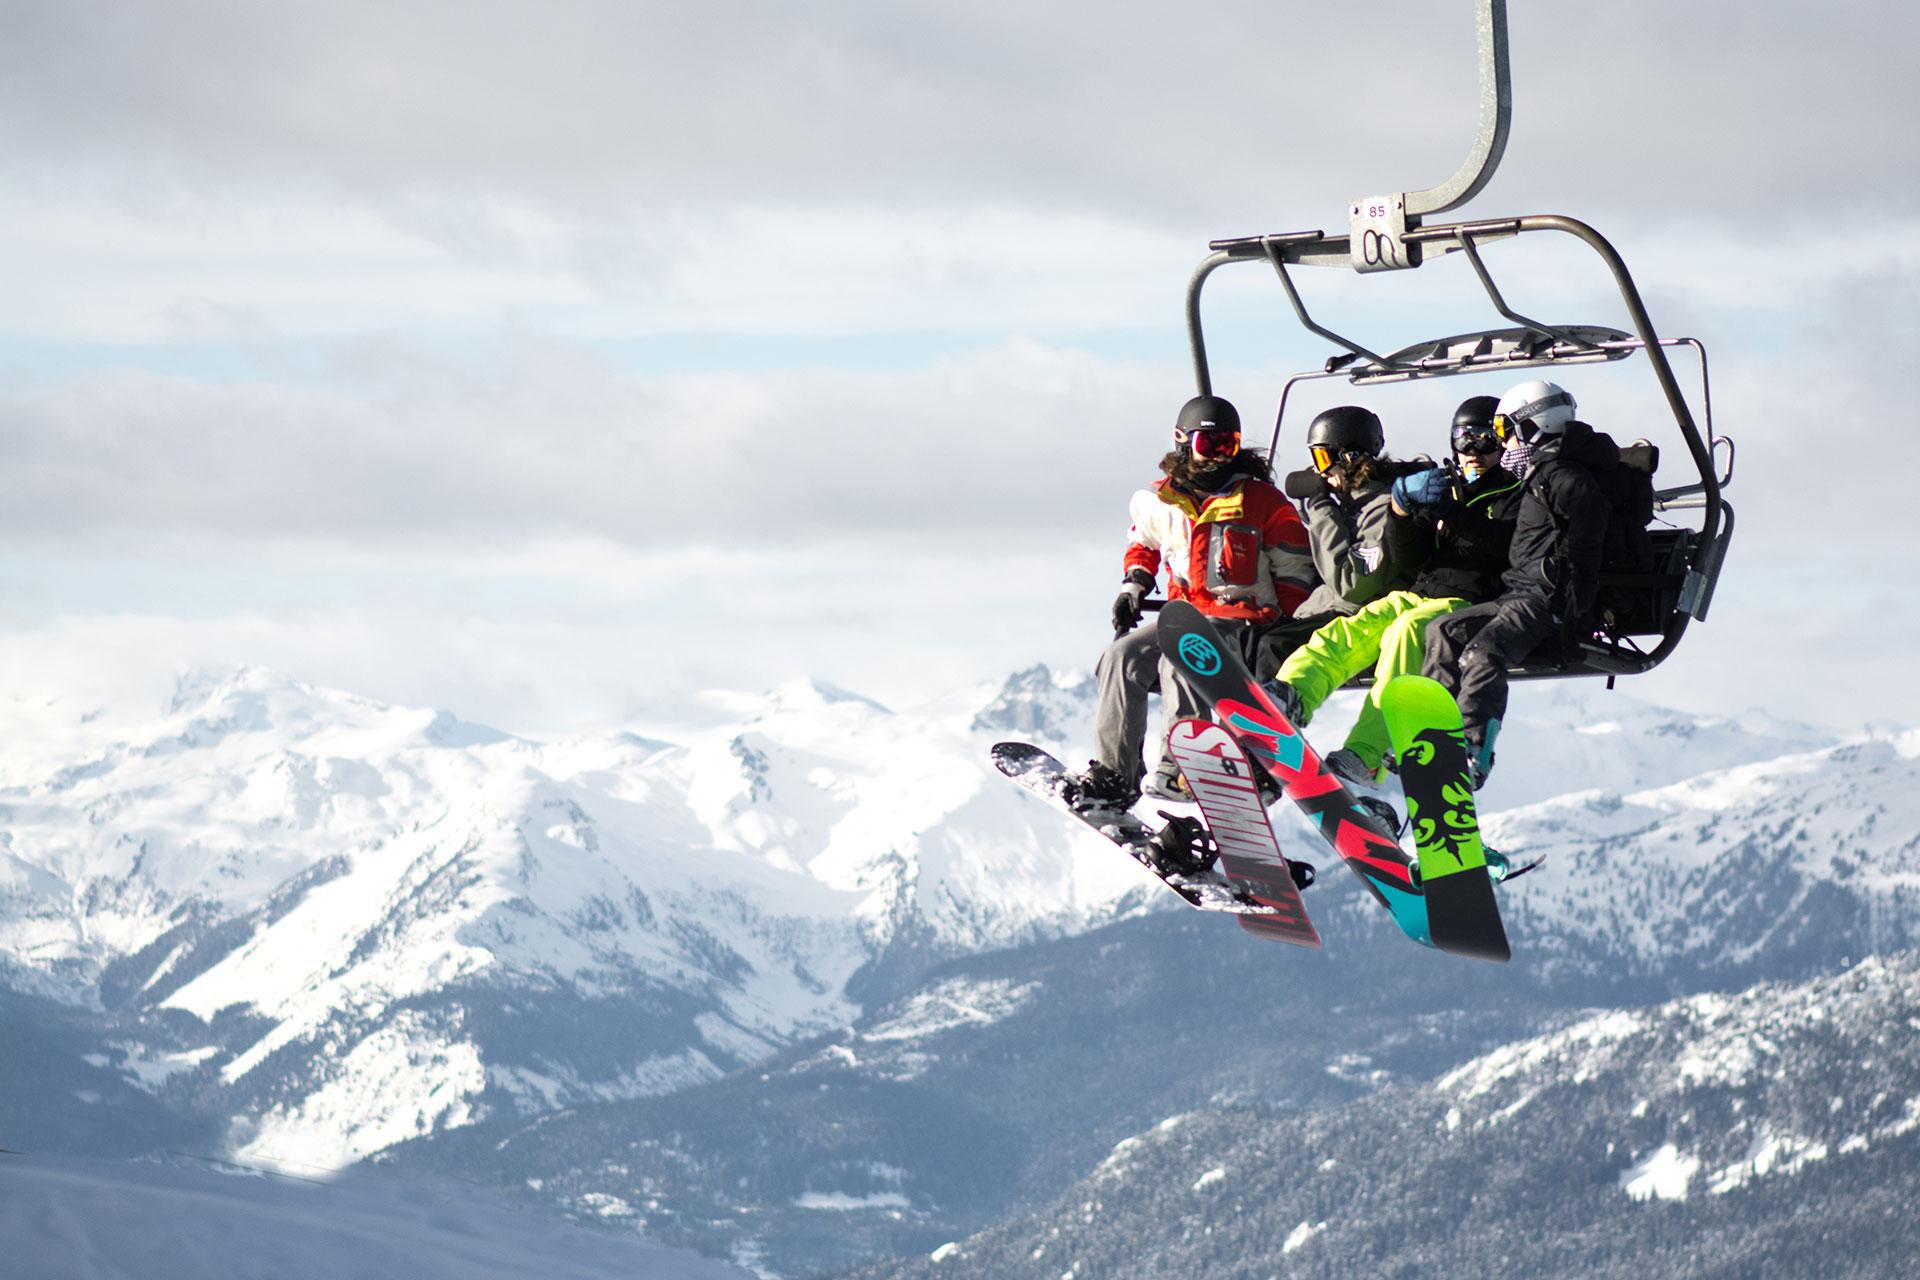 Djeca skijanje